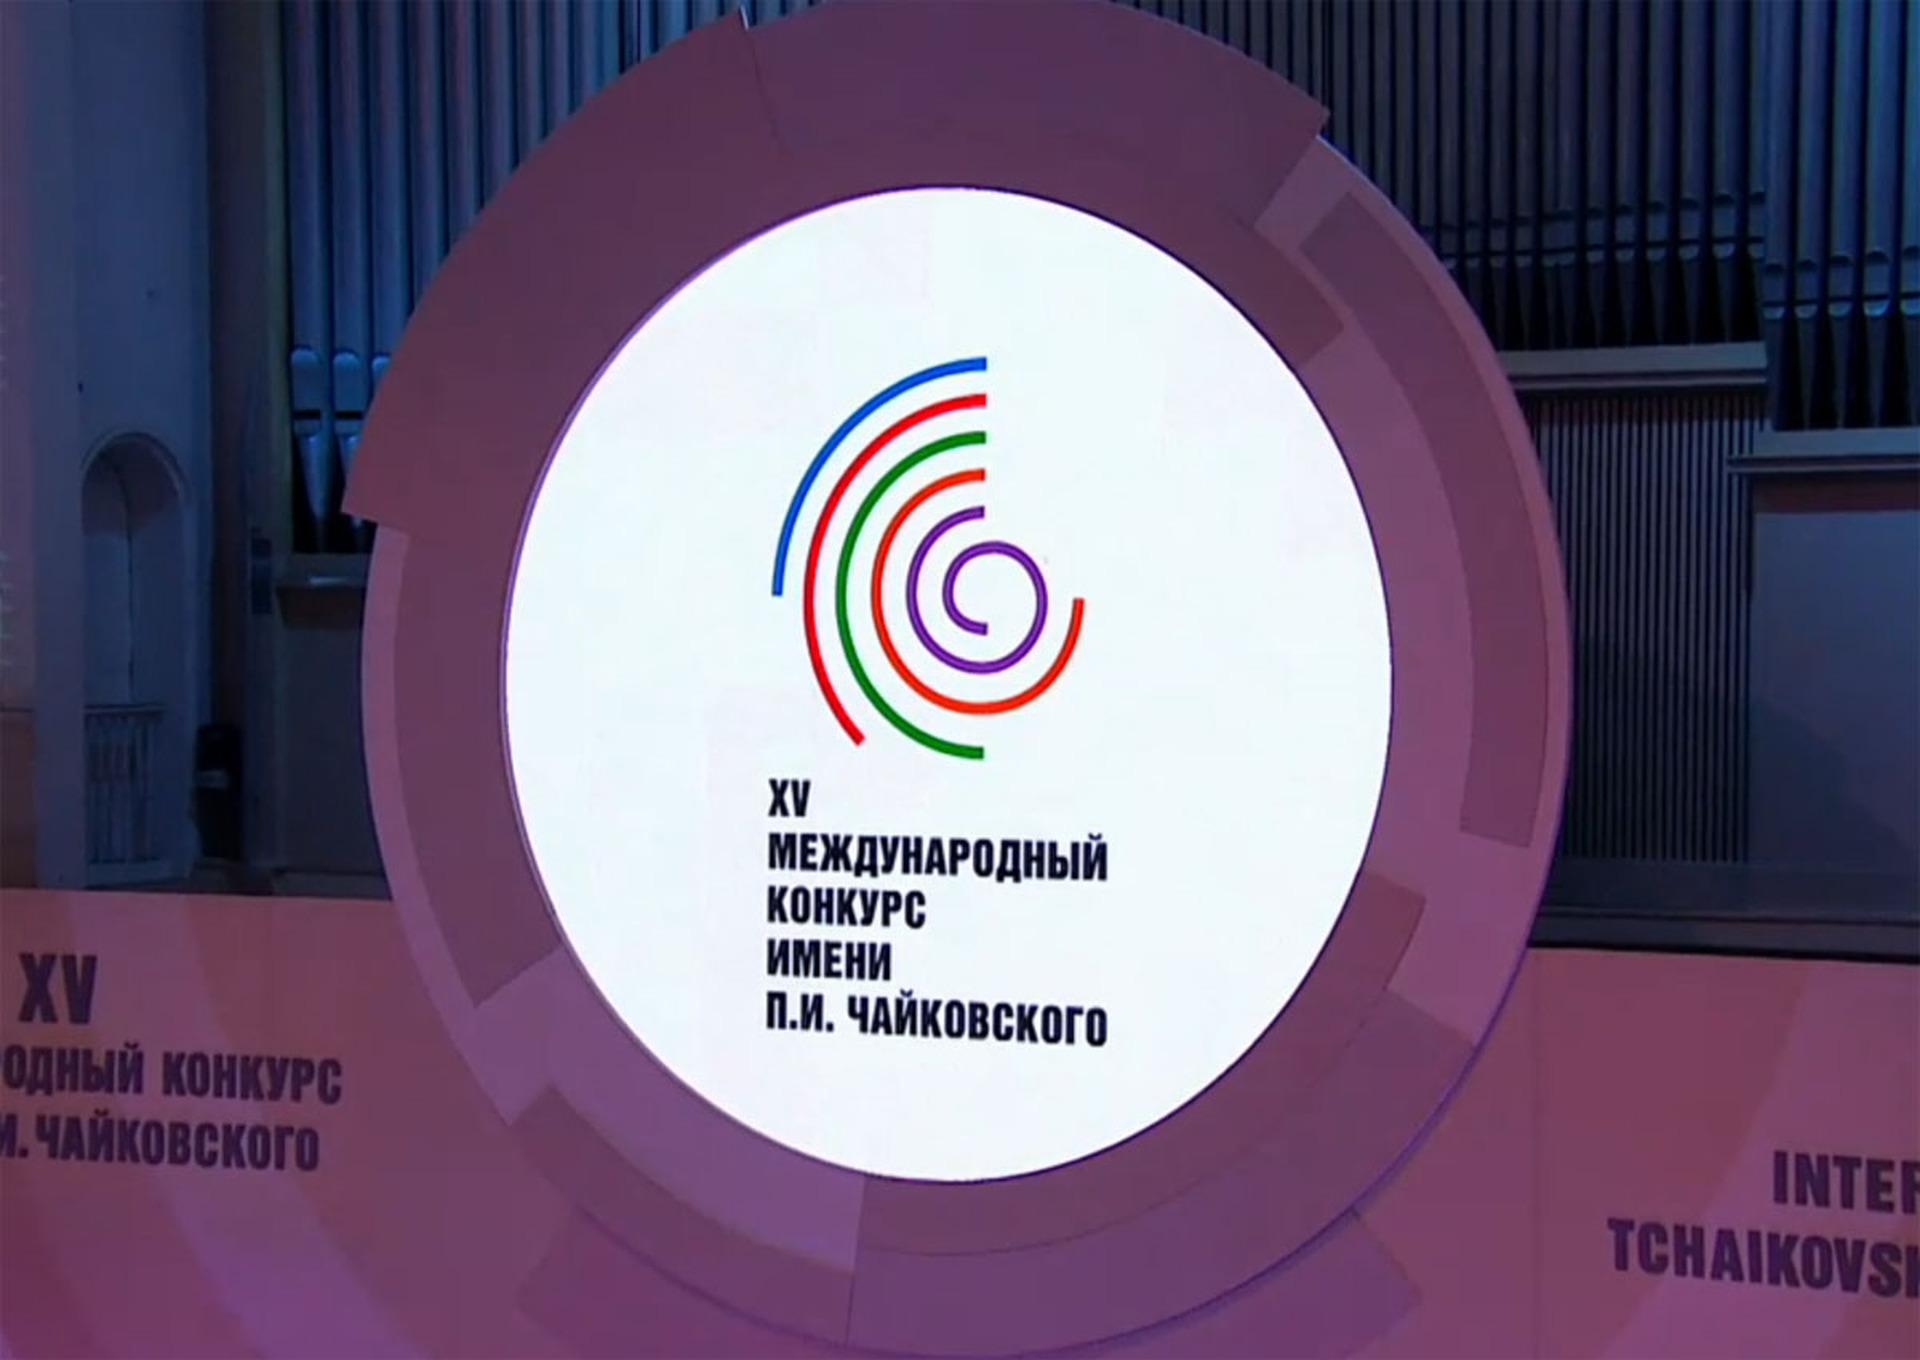 XV Международный конкурс имени П.И. Чайковского. Лауреаты и призеры